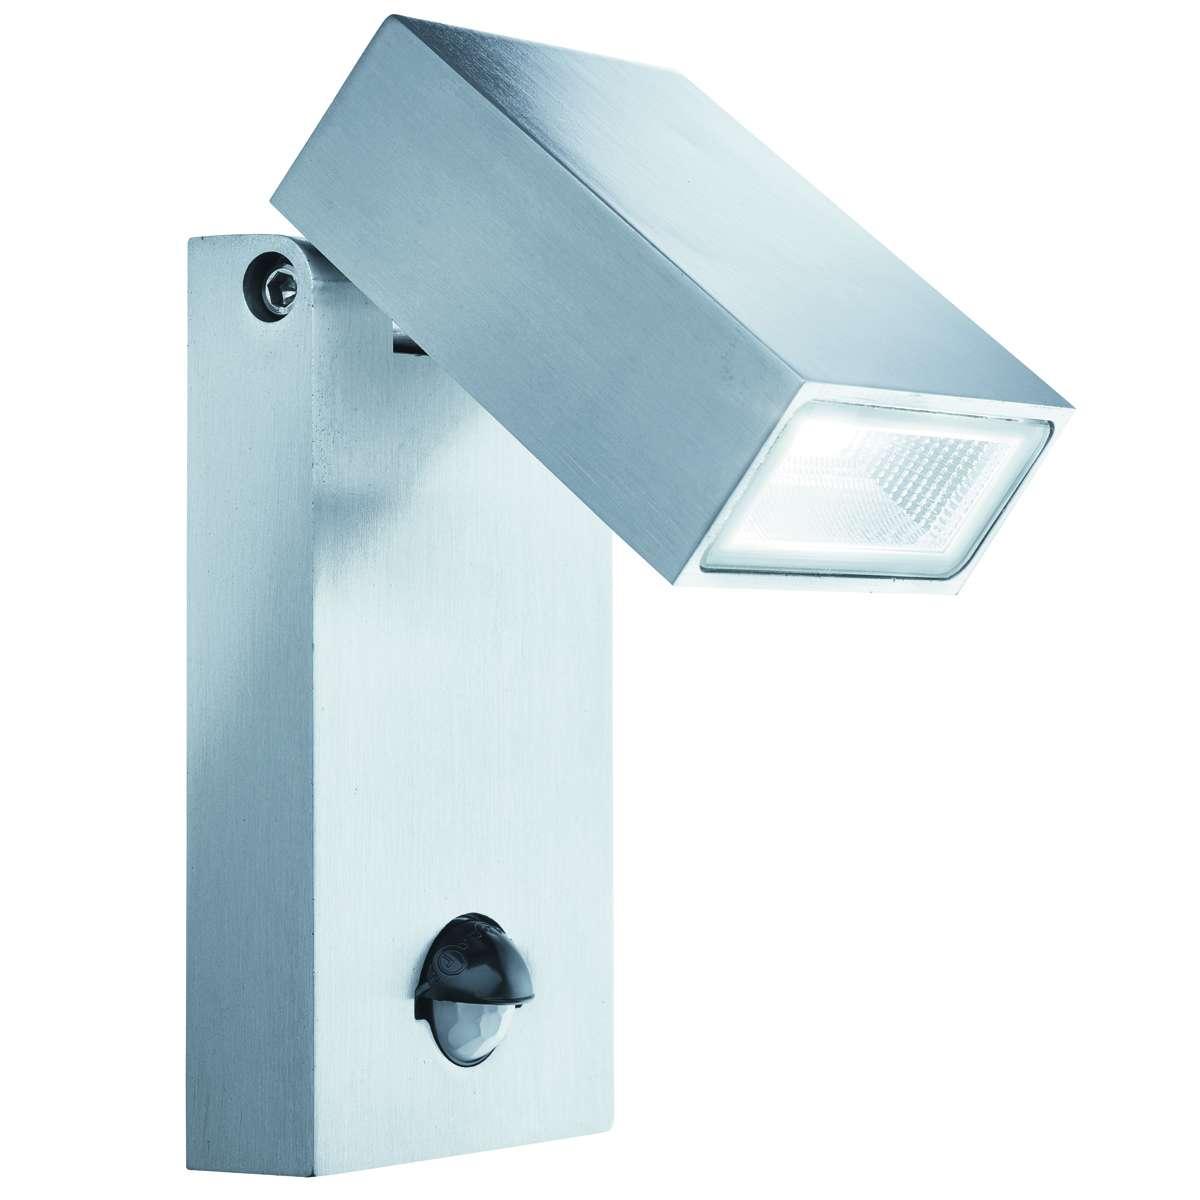 stainlesssteel ip44 led outdoor wall light motion sensor. Black Bedroom Furniture Sets. Home Design Ideas